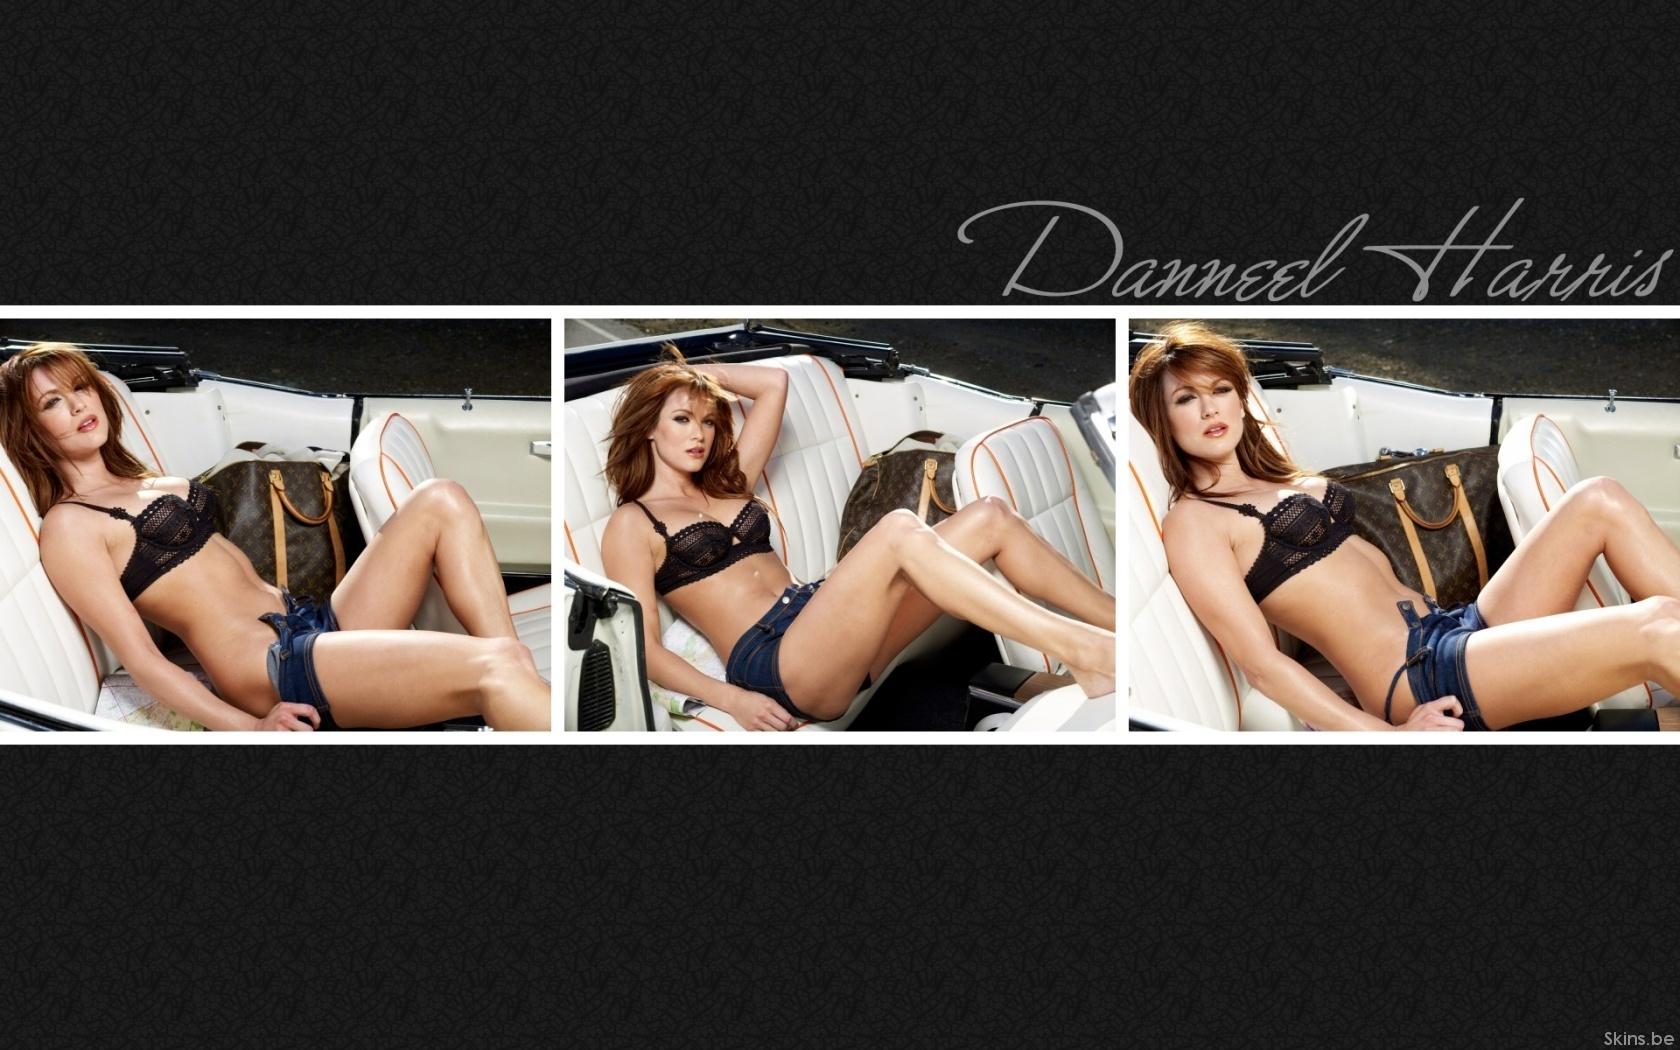 Danneel